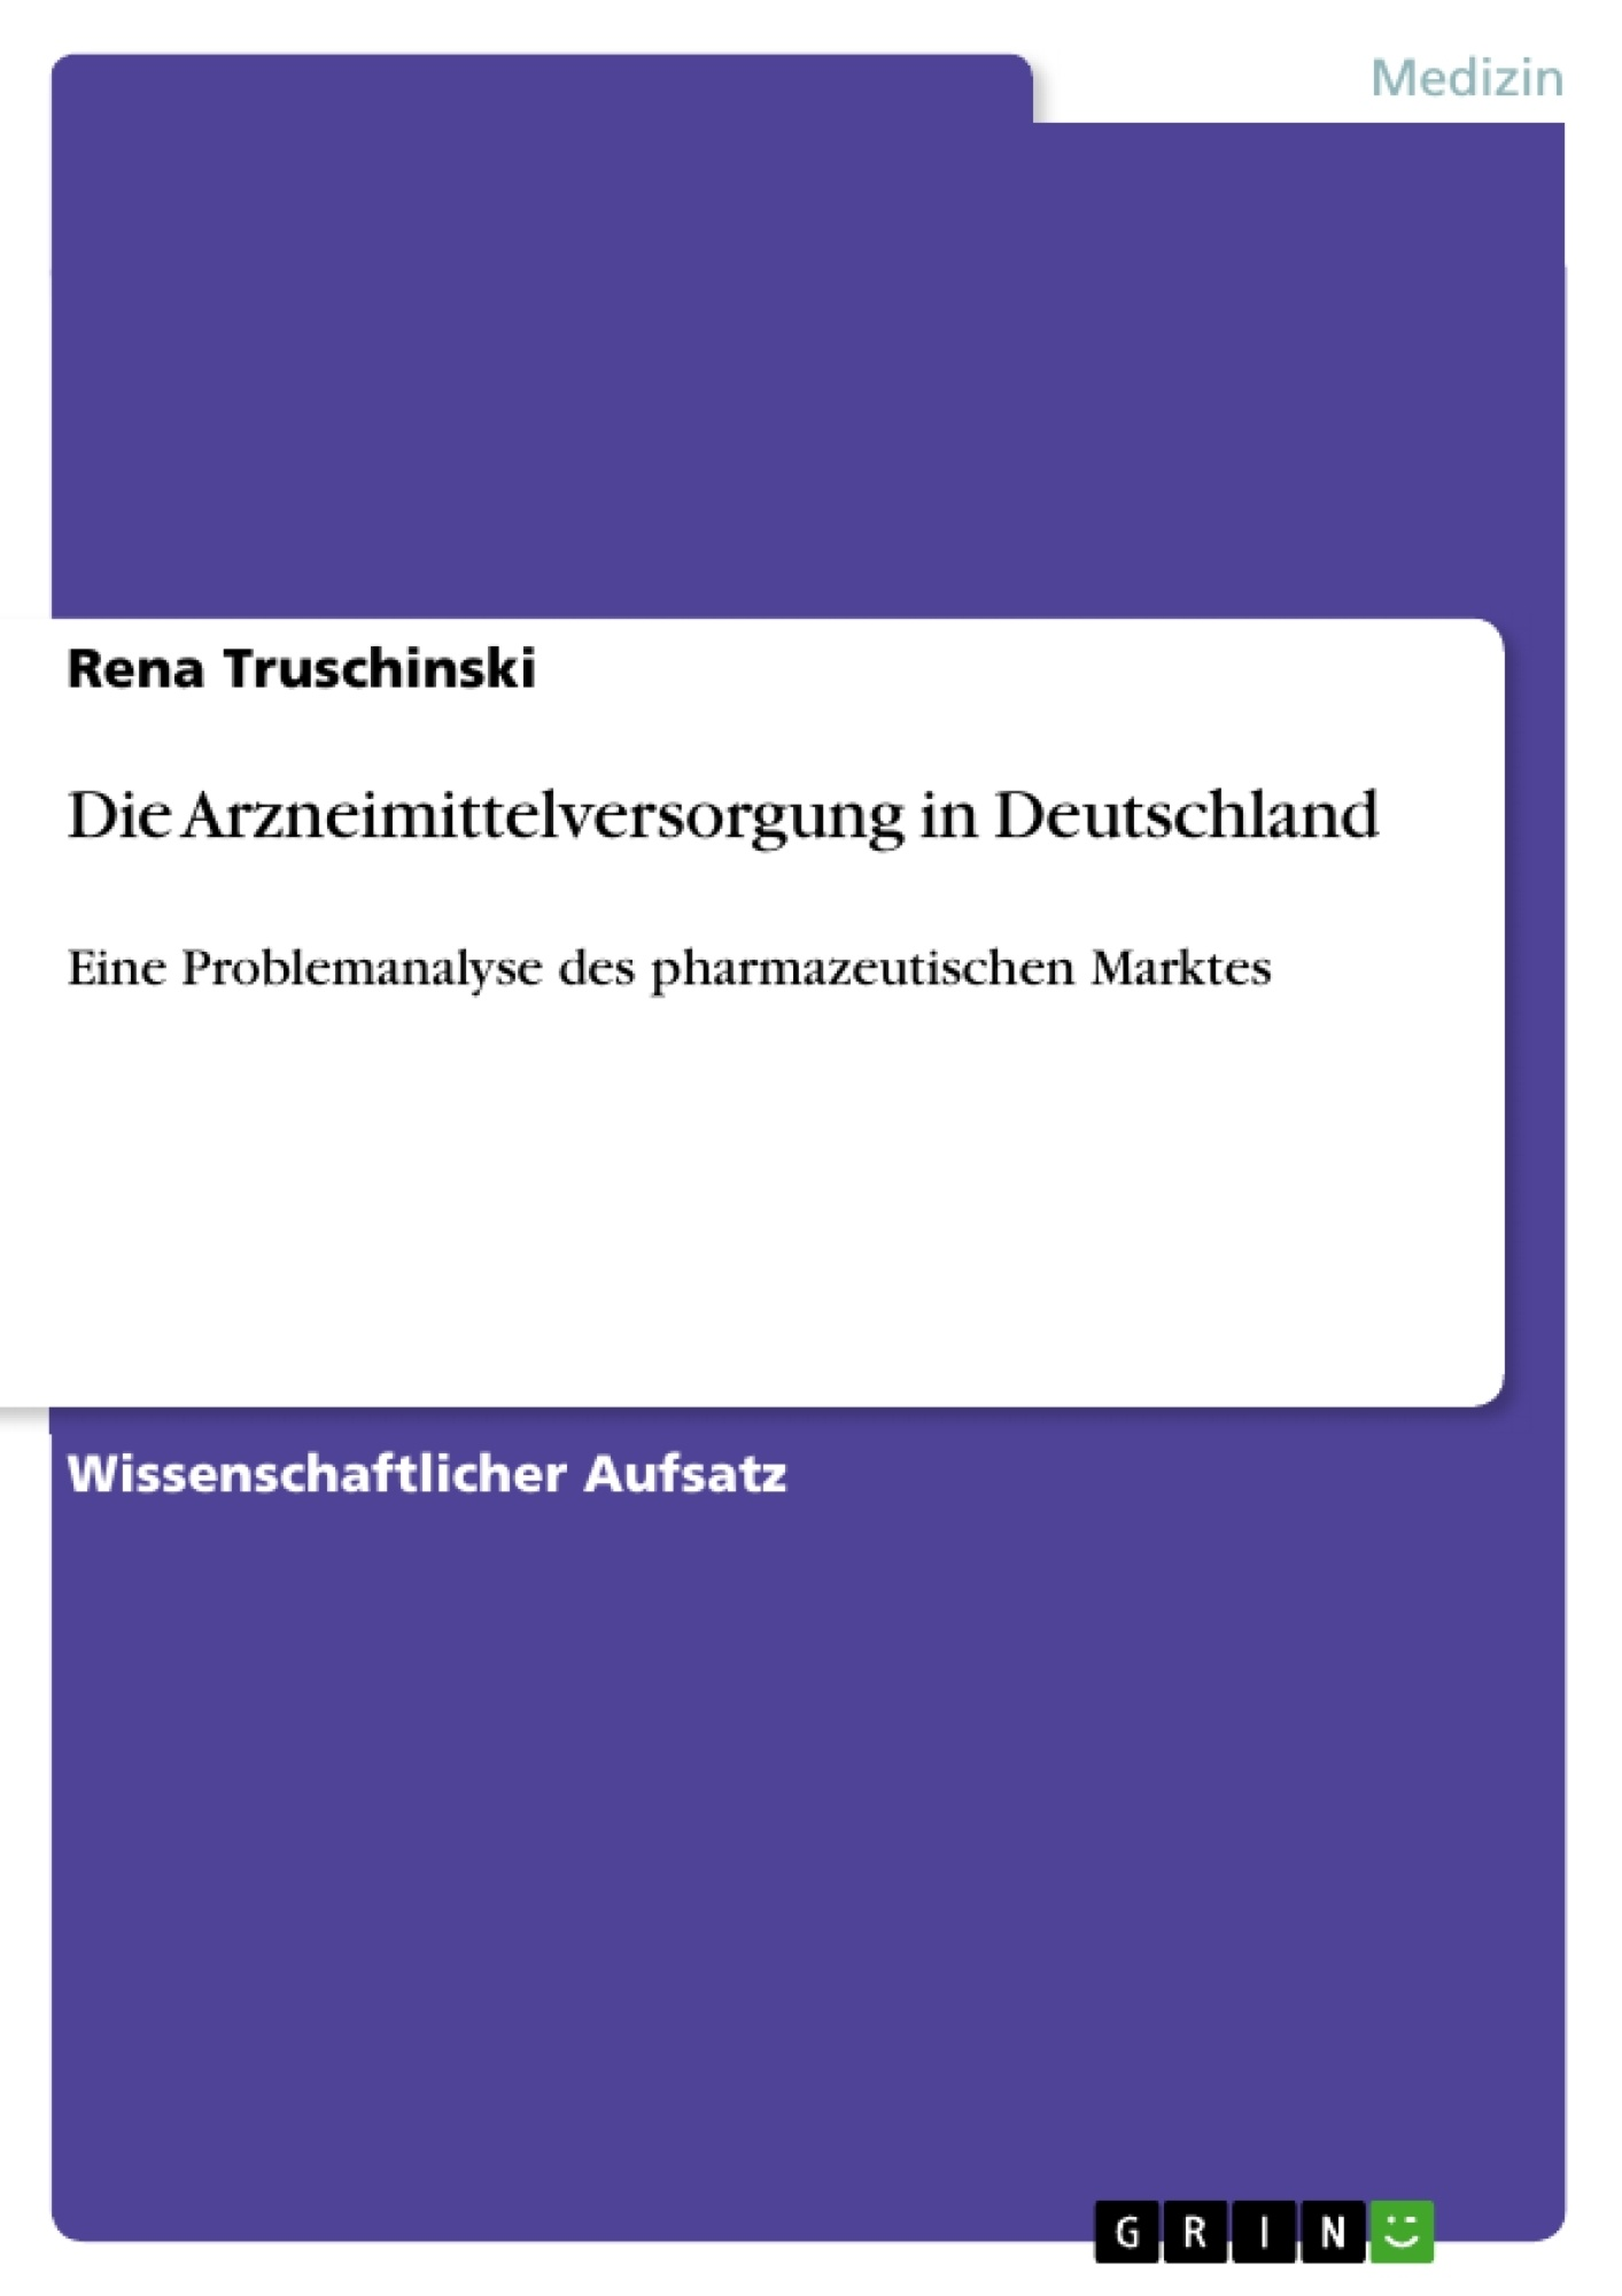 Titel: Die Arzneimittelversorgung in Deutschland